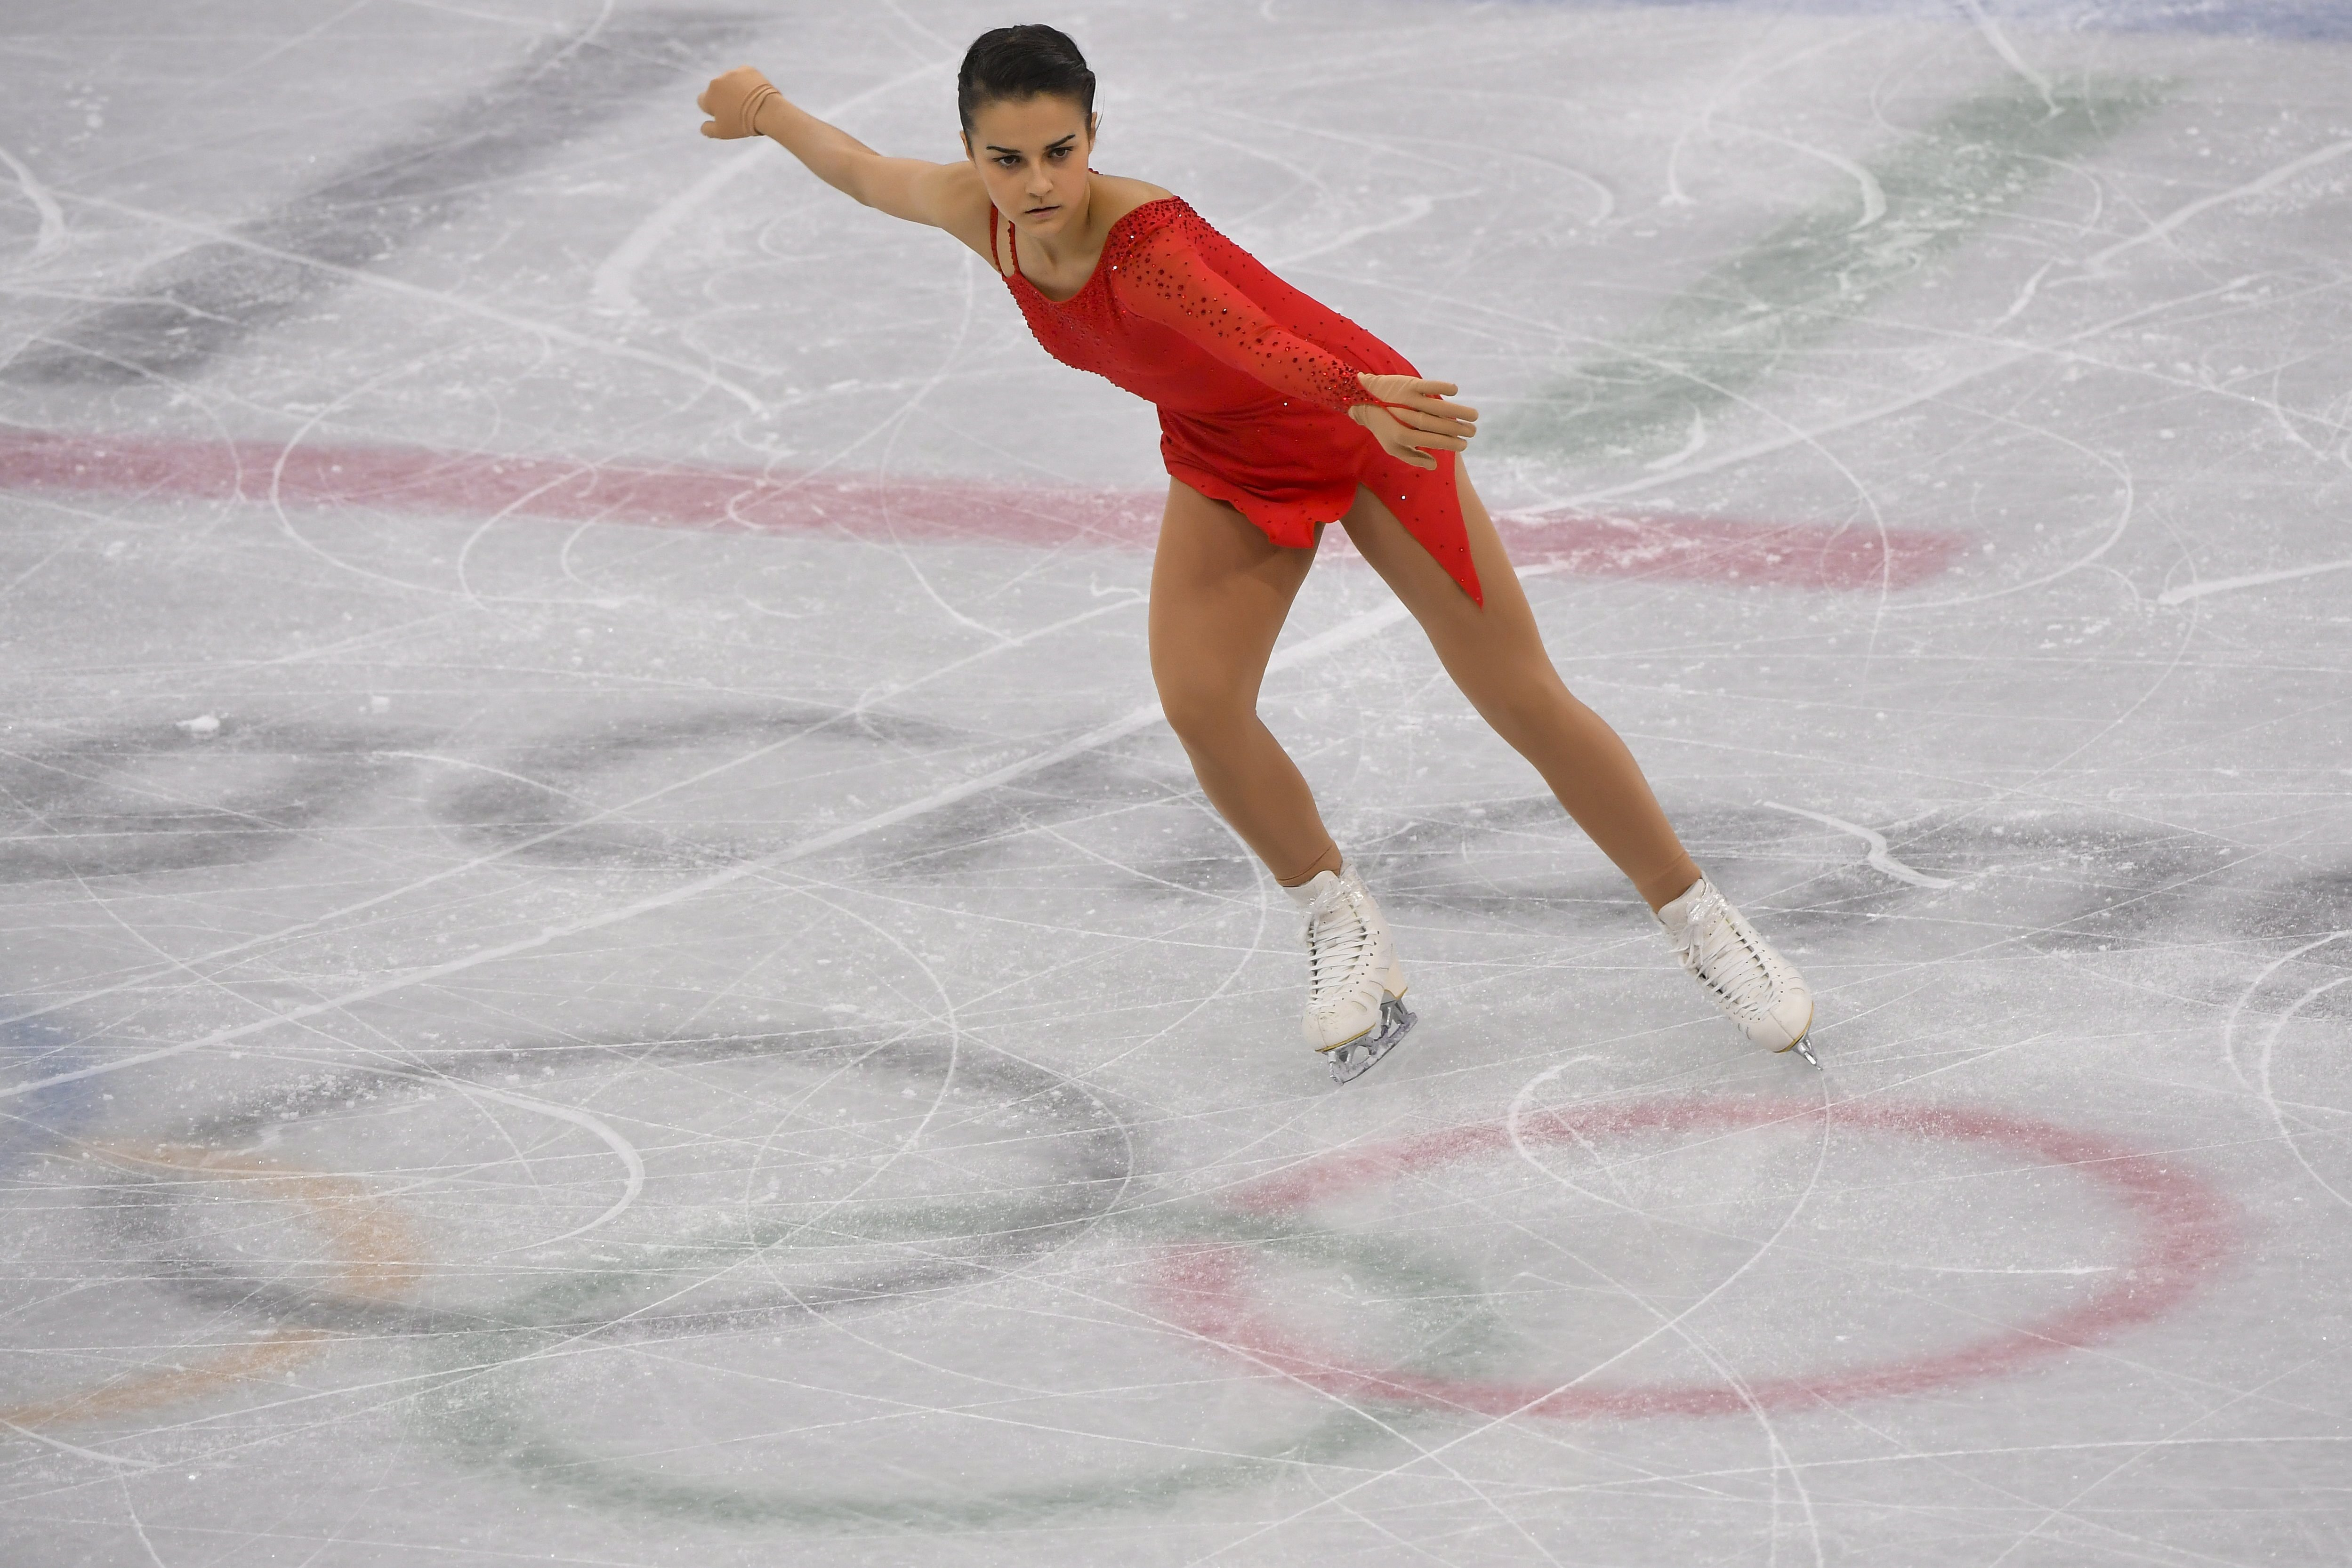 Tóth Ivett műkorcsolyázó a 23. helyen végzett az olimpián